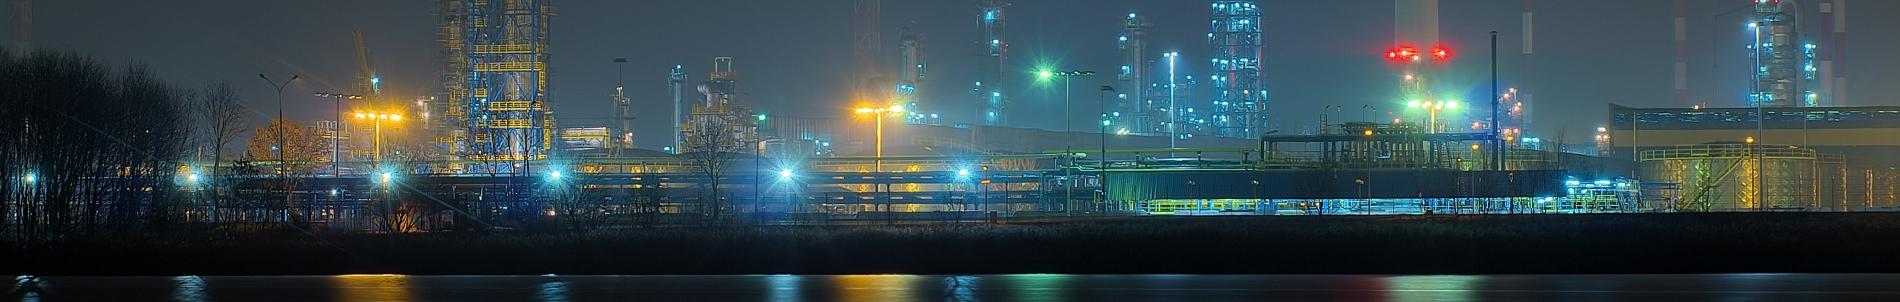 Obelux - Balisage d'obstacles aériens - matériel pour les centrales d'énergie